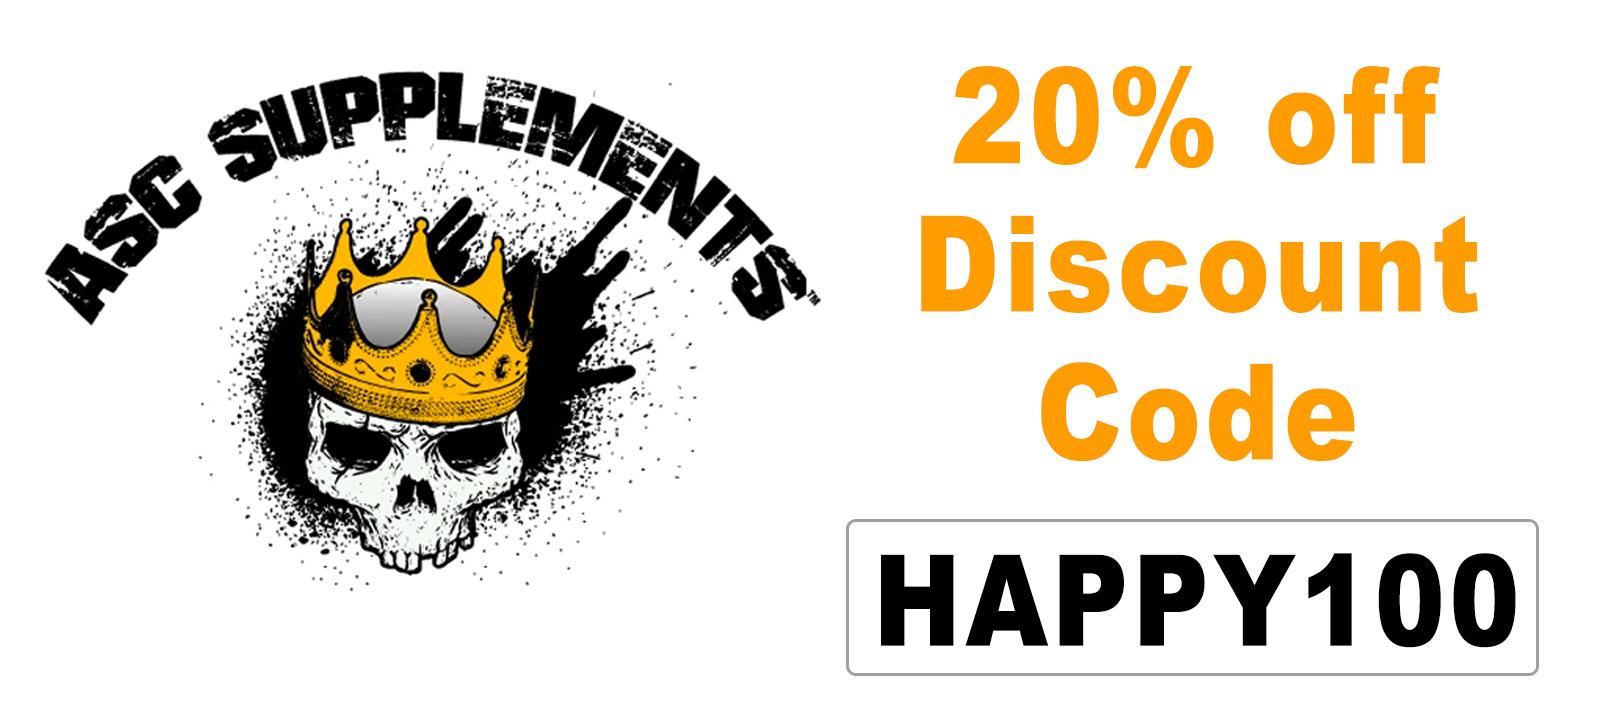 ASC Supplements Discount Code: HAPPY100